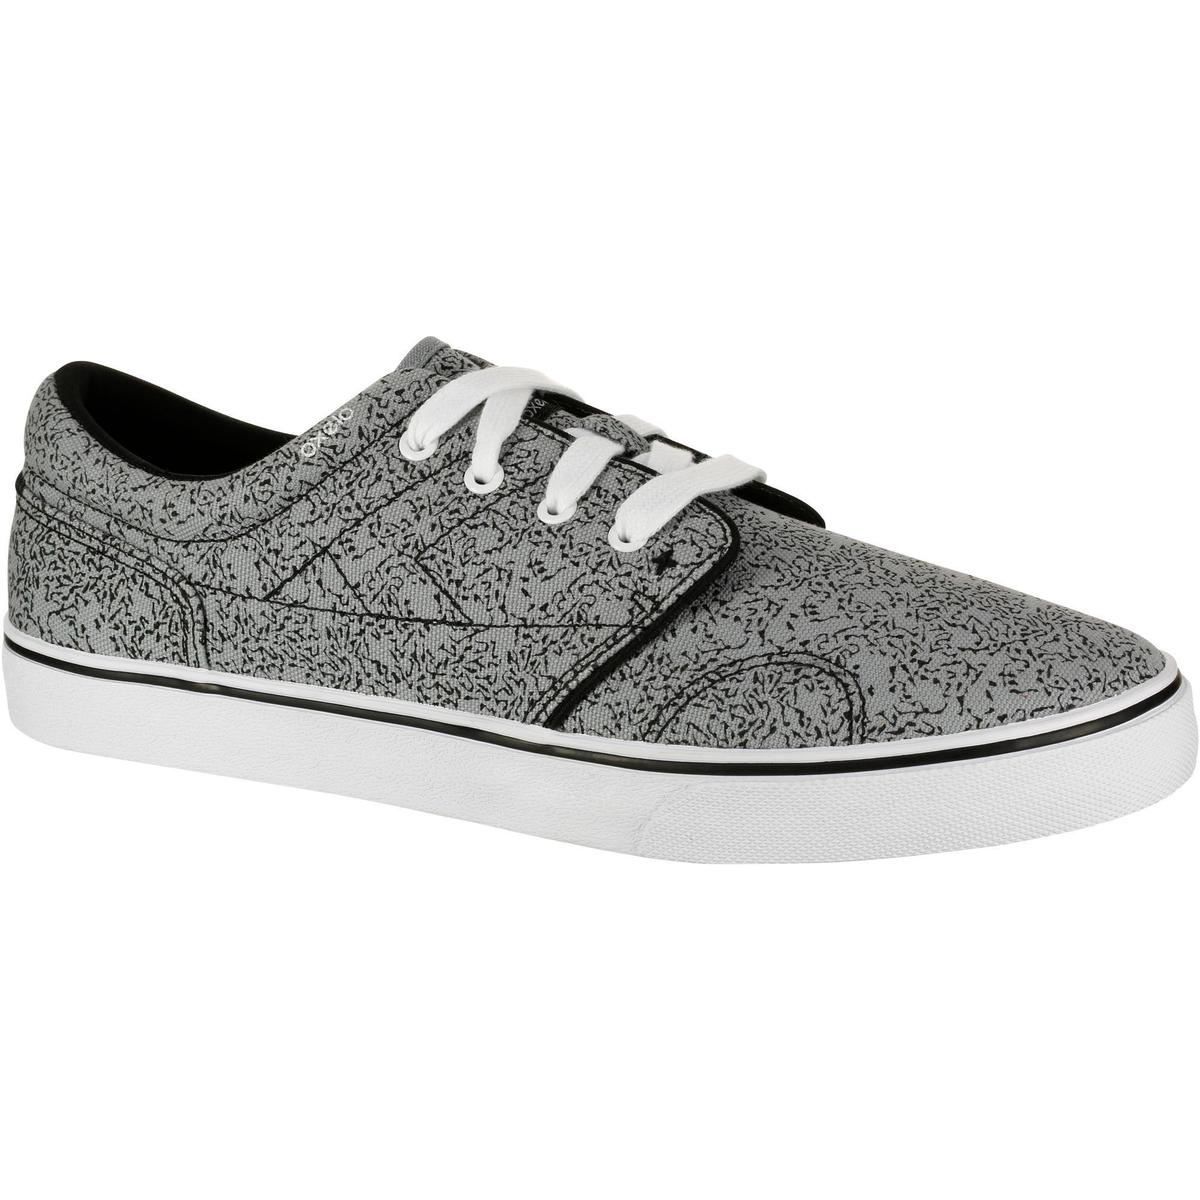 Bild 1 von Skaterschuhe Sneaker Vulca Canvas Erwachsene grau